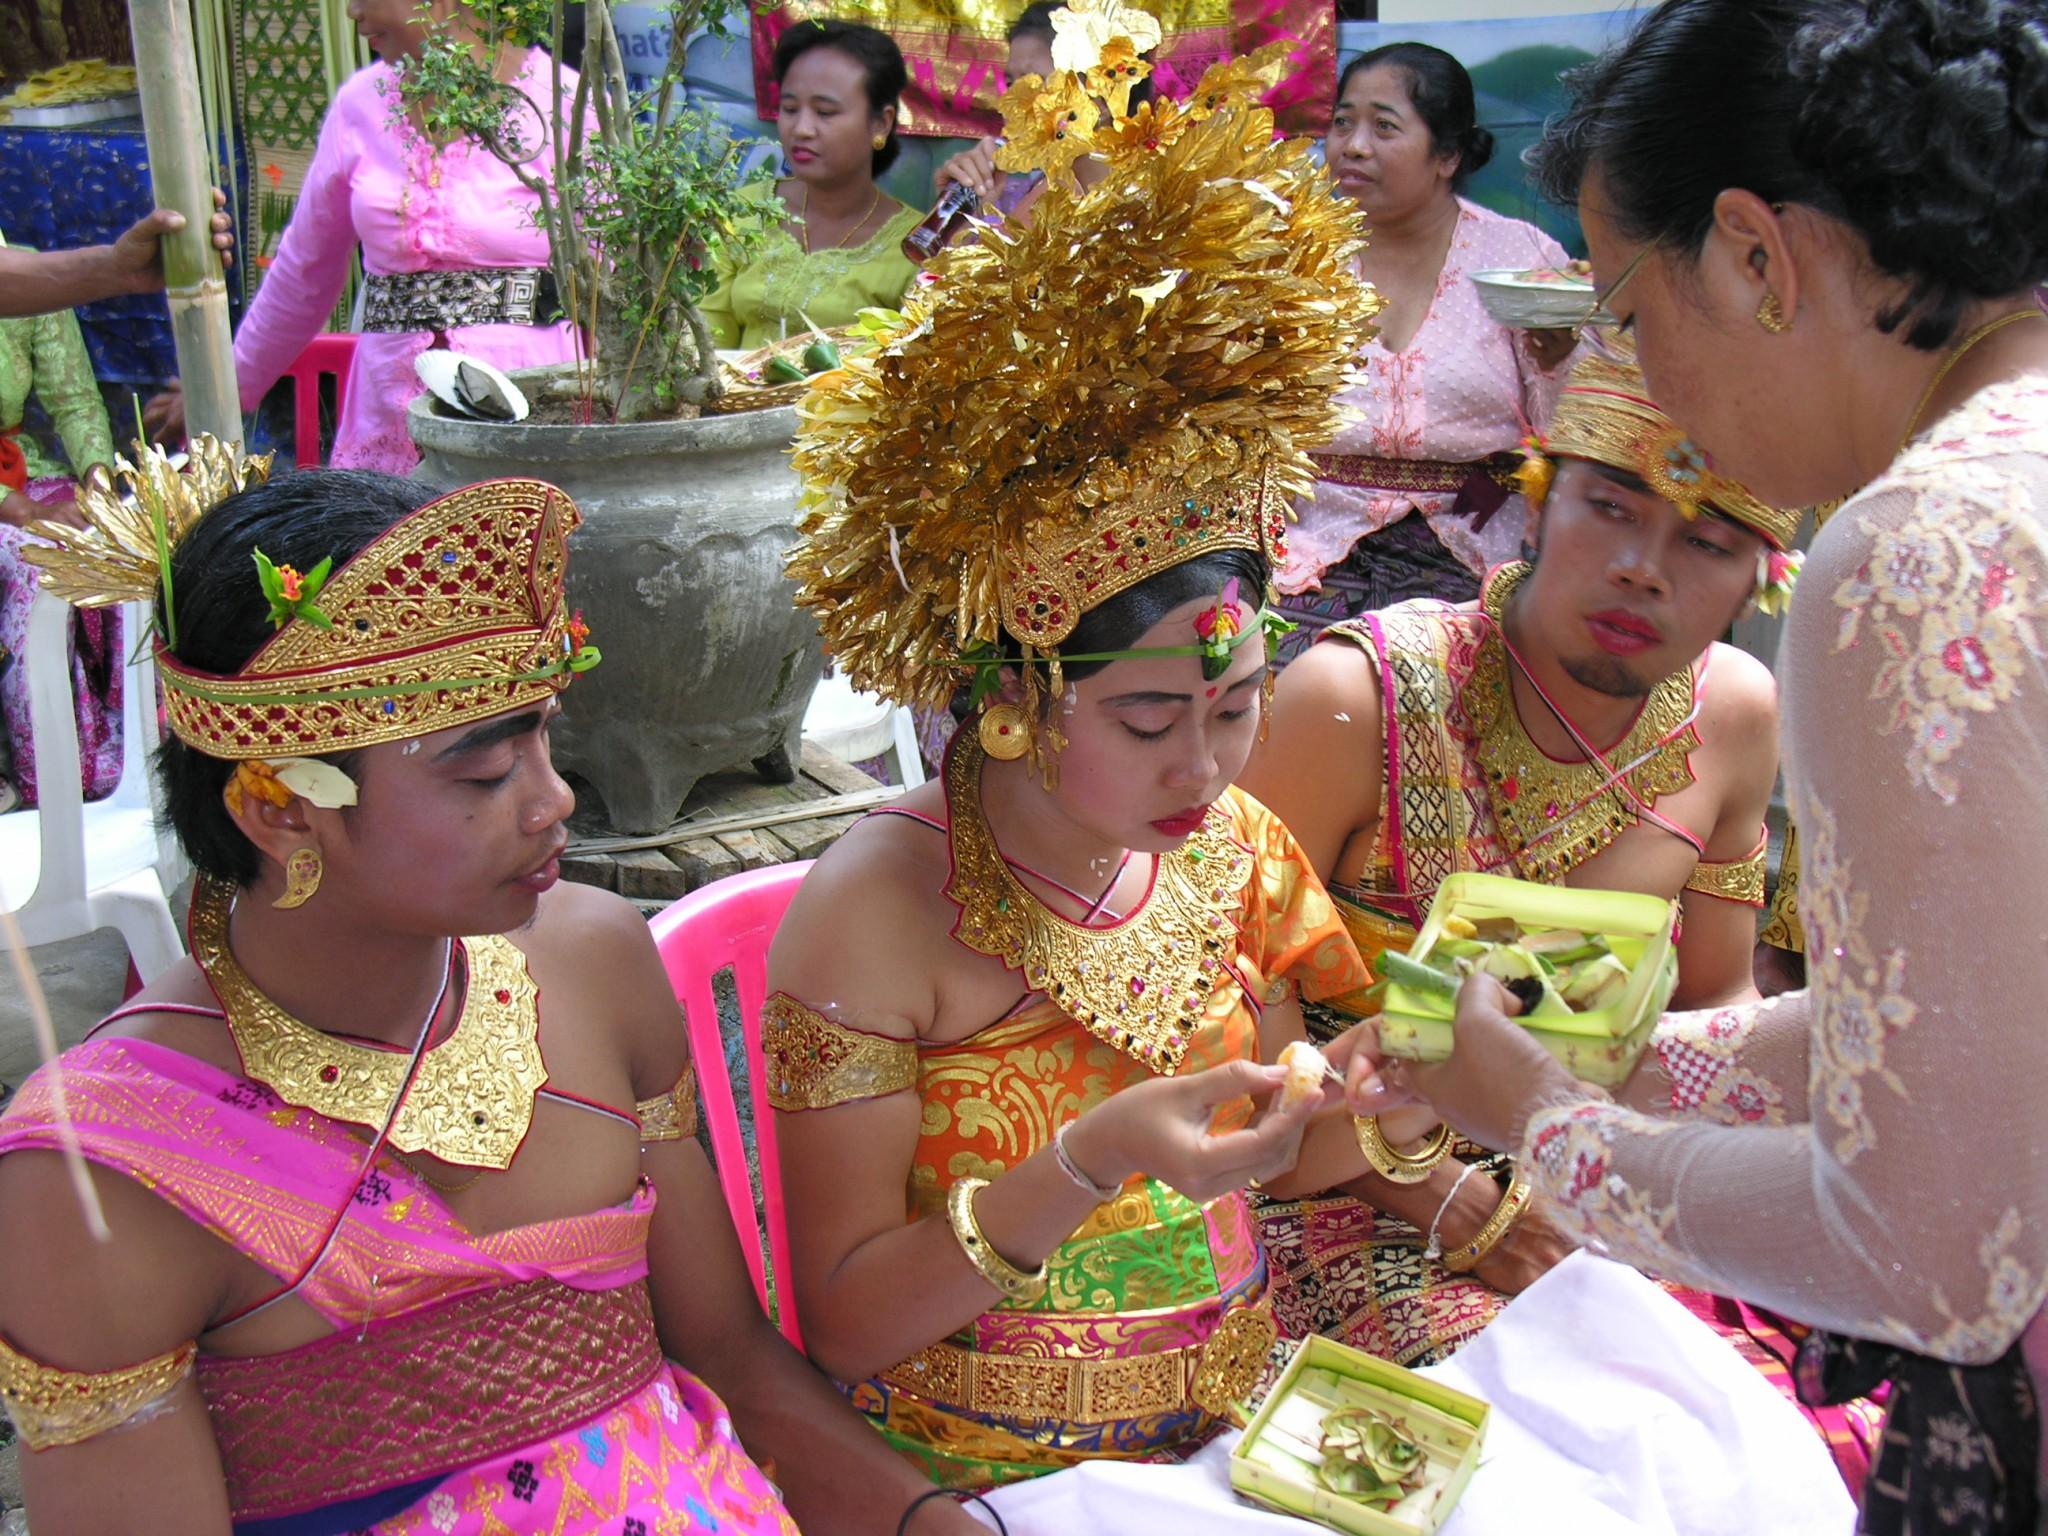 GROEPSREIS INDONESIE : KLEINE SUNDA – EILAND33